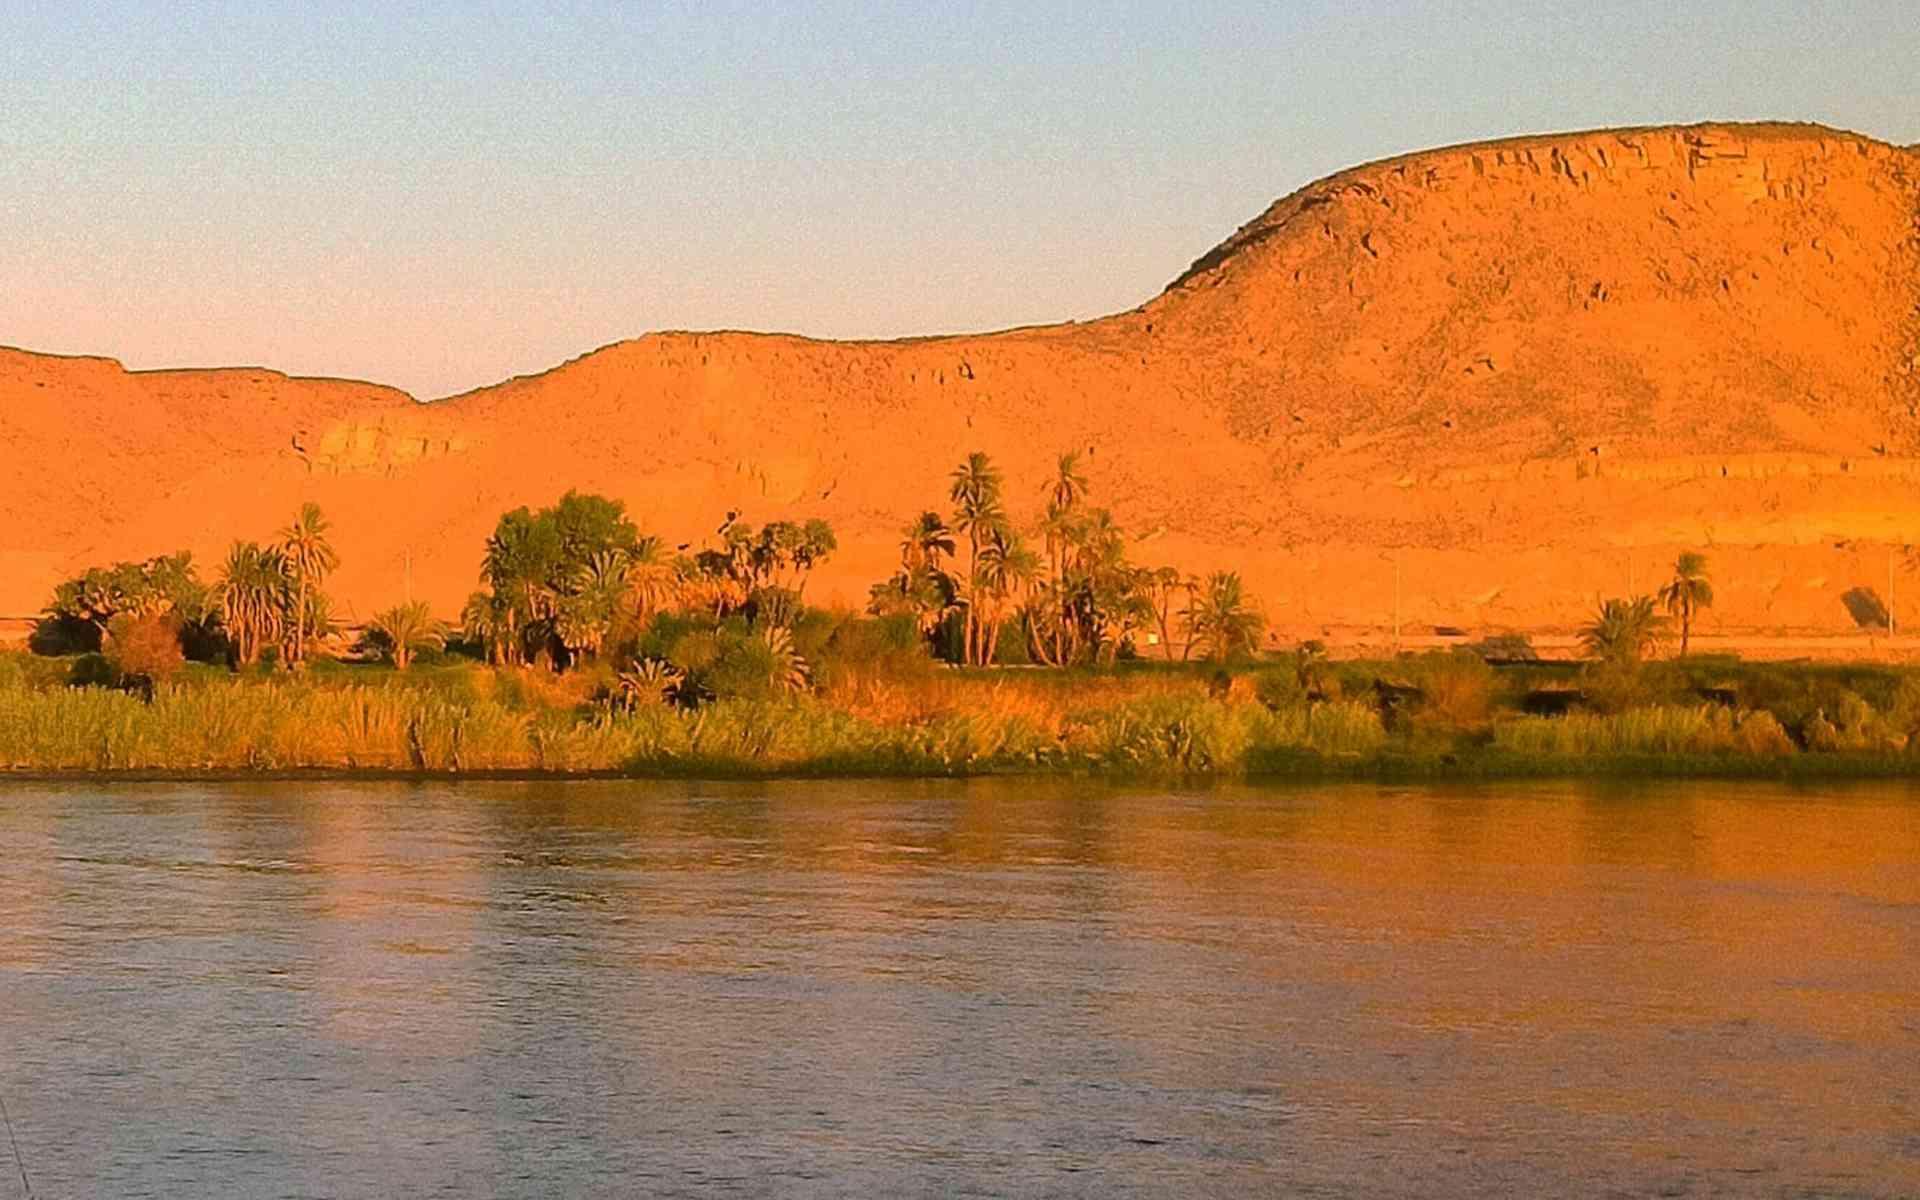 Cruise the Nile